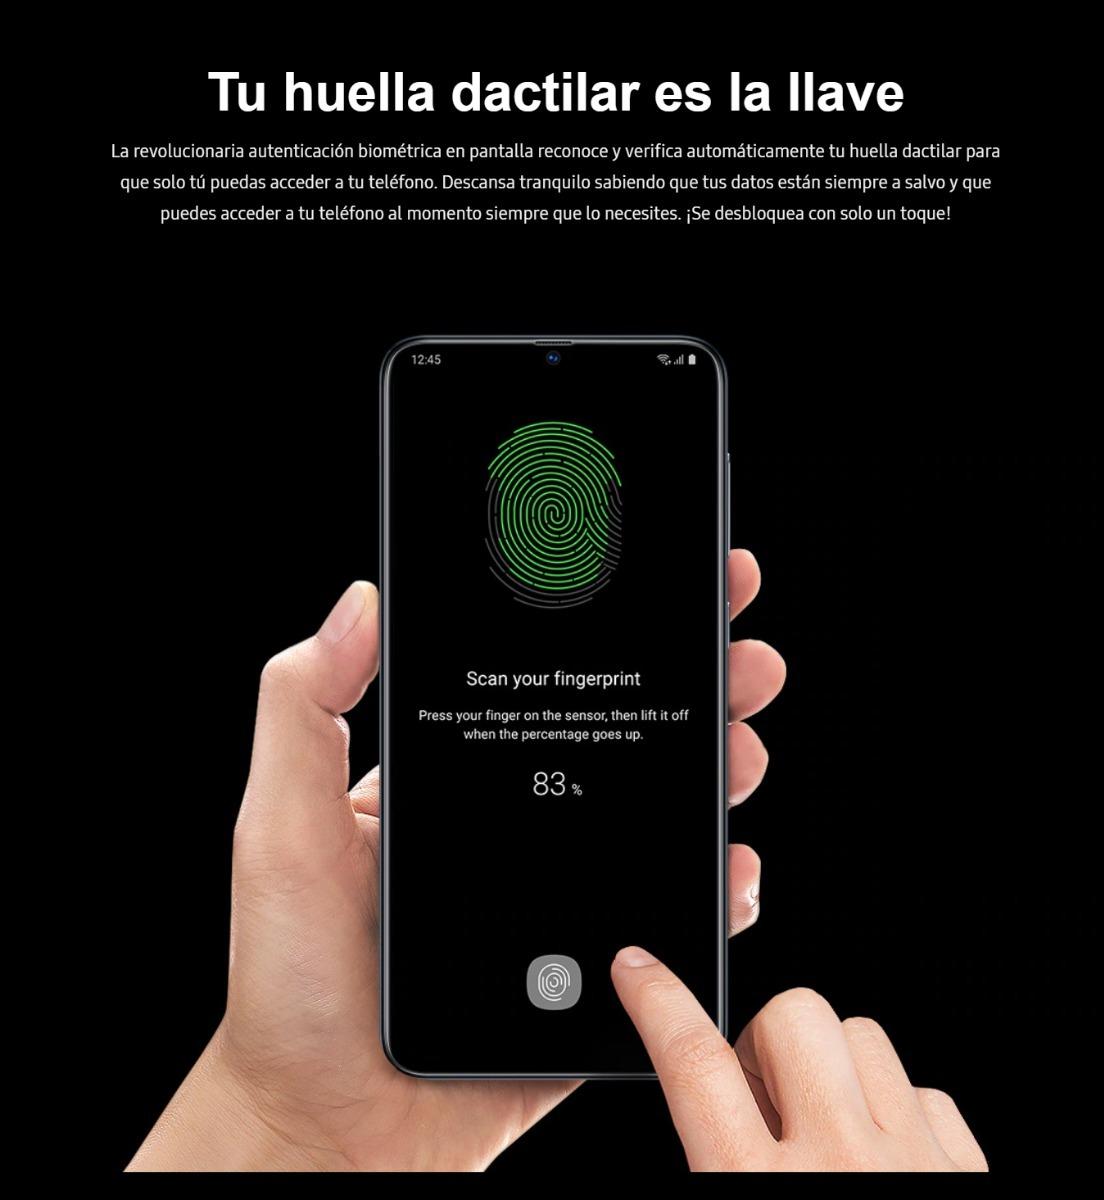 Resultado de imagen para Samsung A70 tu huella es llave